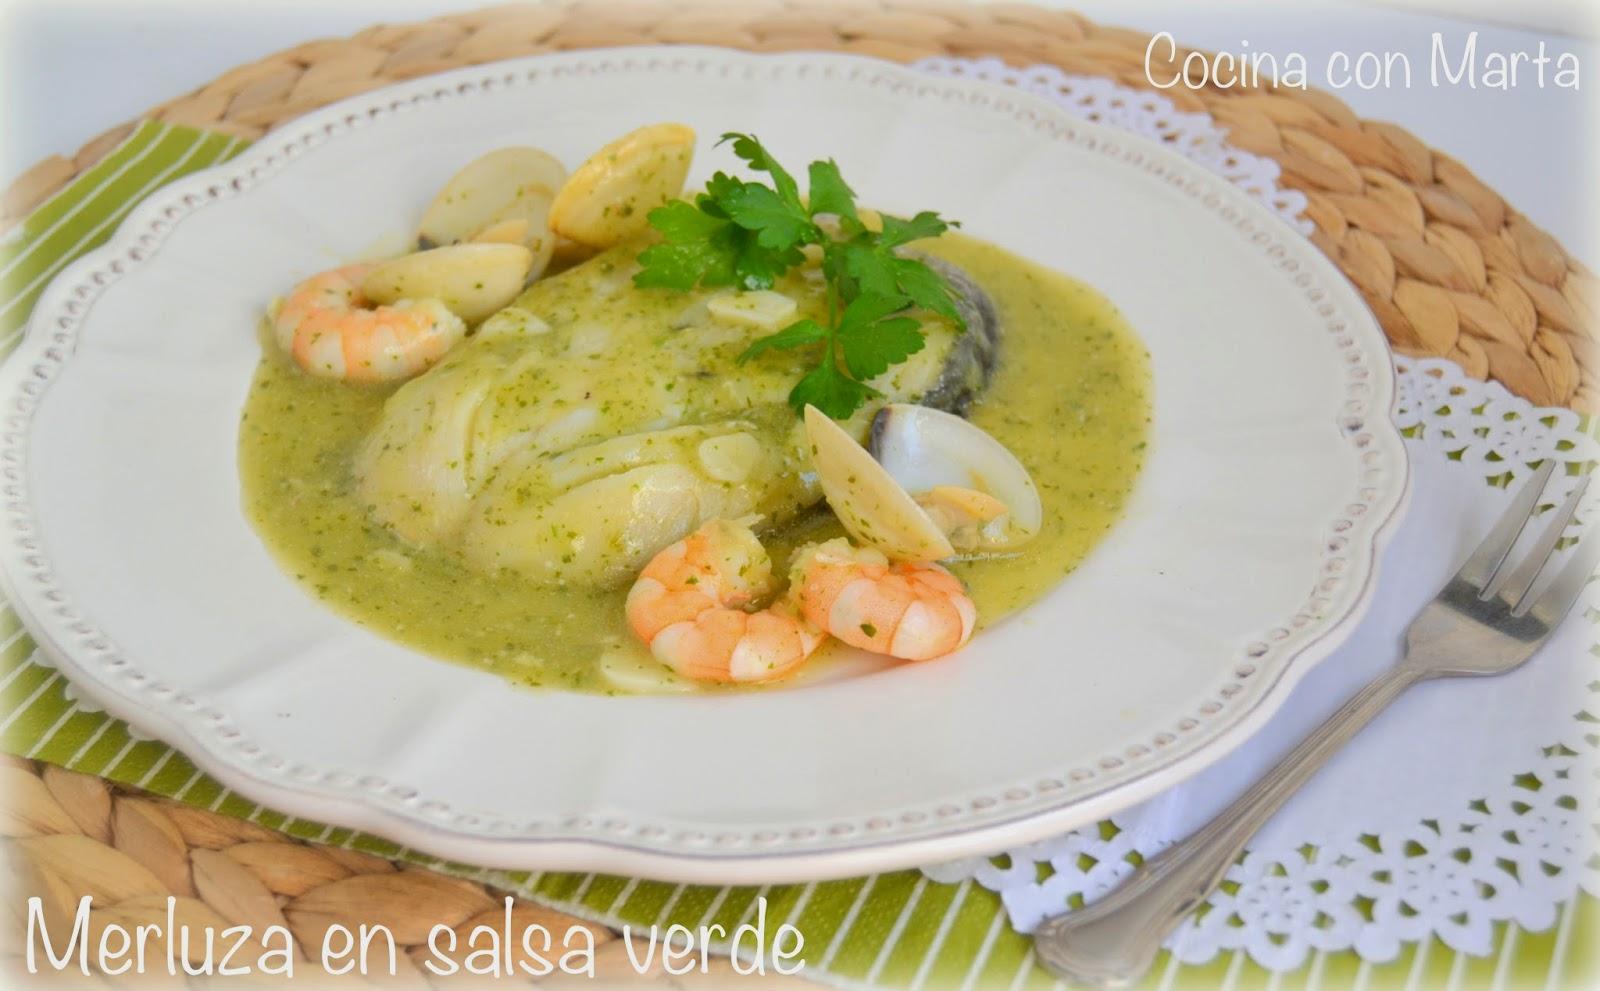 Receta casera de merluza en salsa verde. Rápida, fácil y ligera.